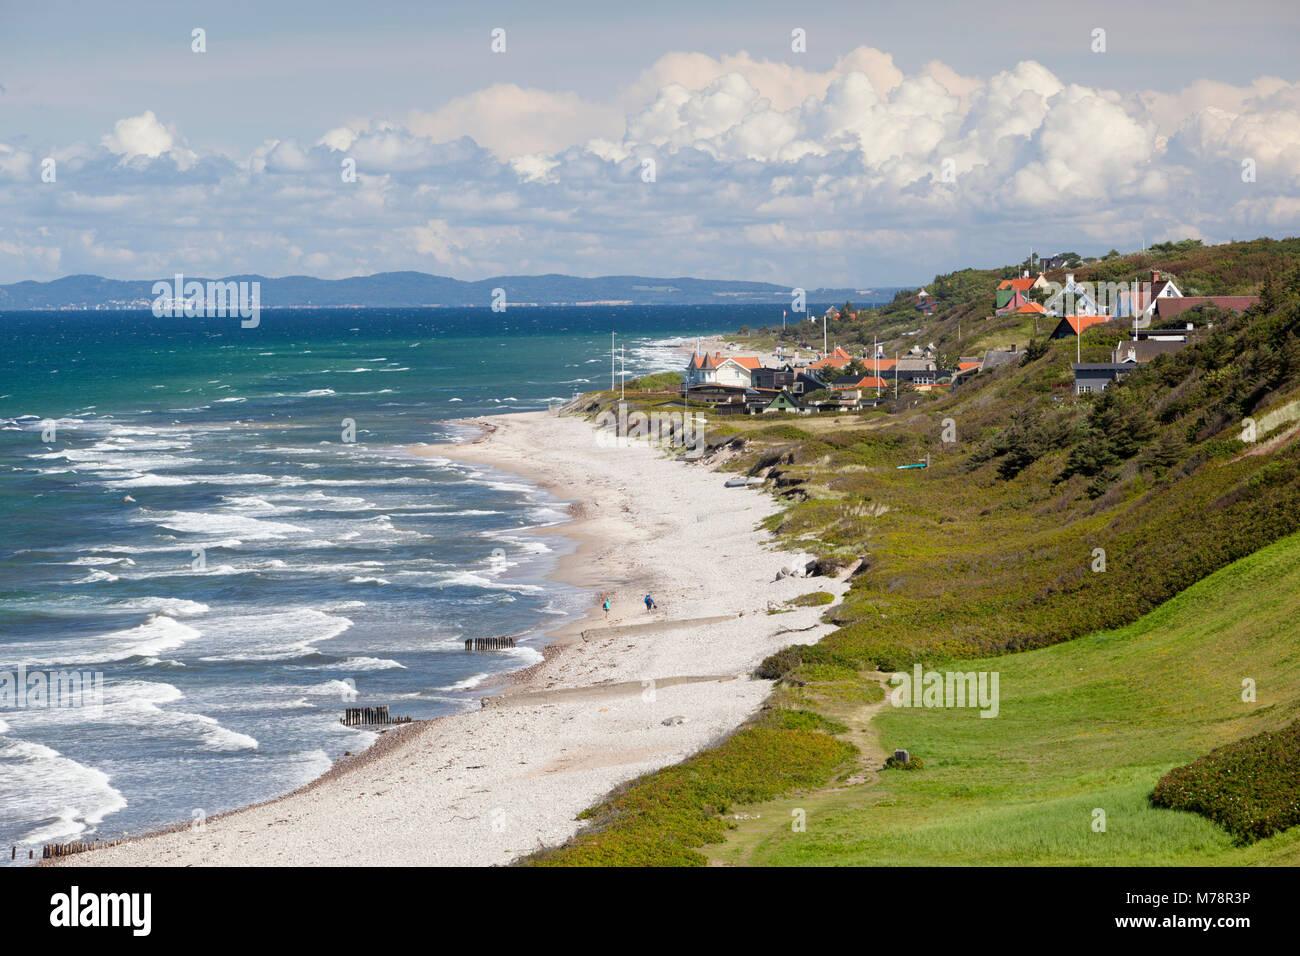 Vistas Rageleje Strand playa con la costa sueca en distancia, Rageleje, Kattegat Costa, Zelanda, Dinamarca, Escandinavia, Imagen De Stock